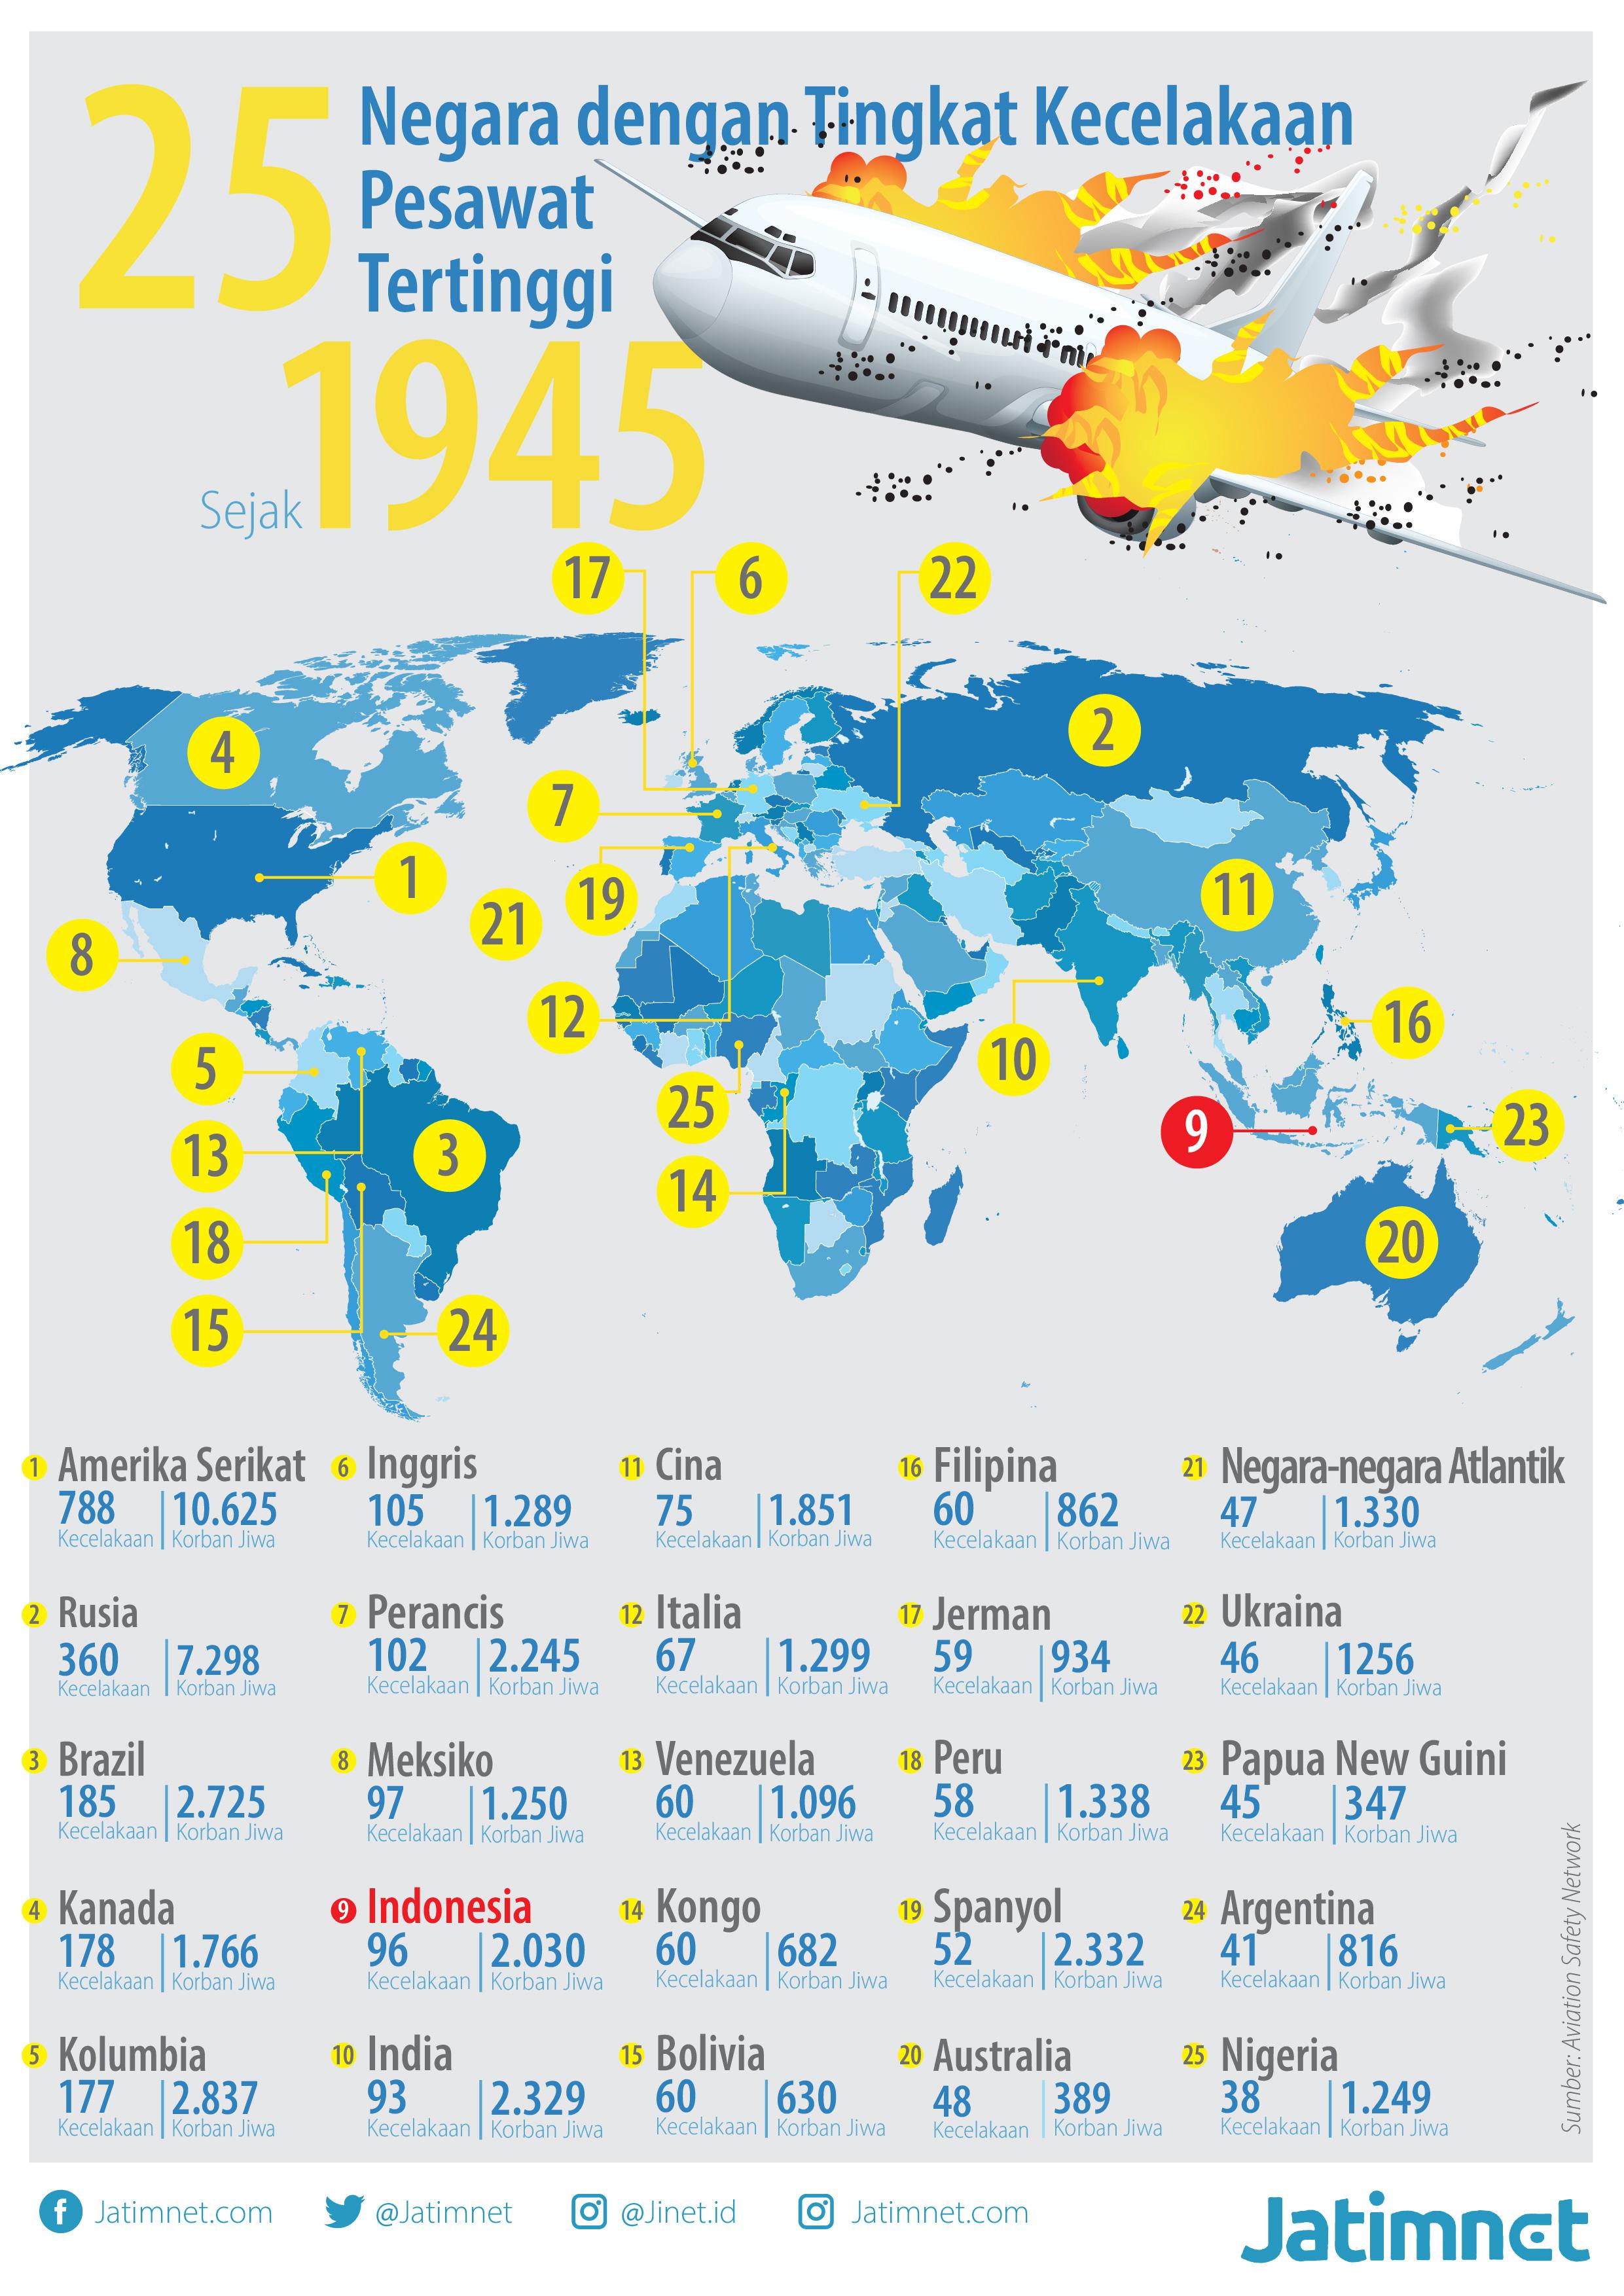 Duka Penerbangan Dunia